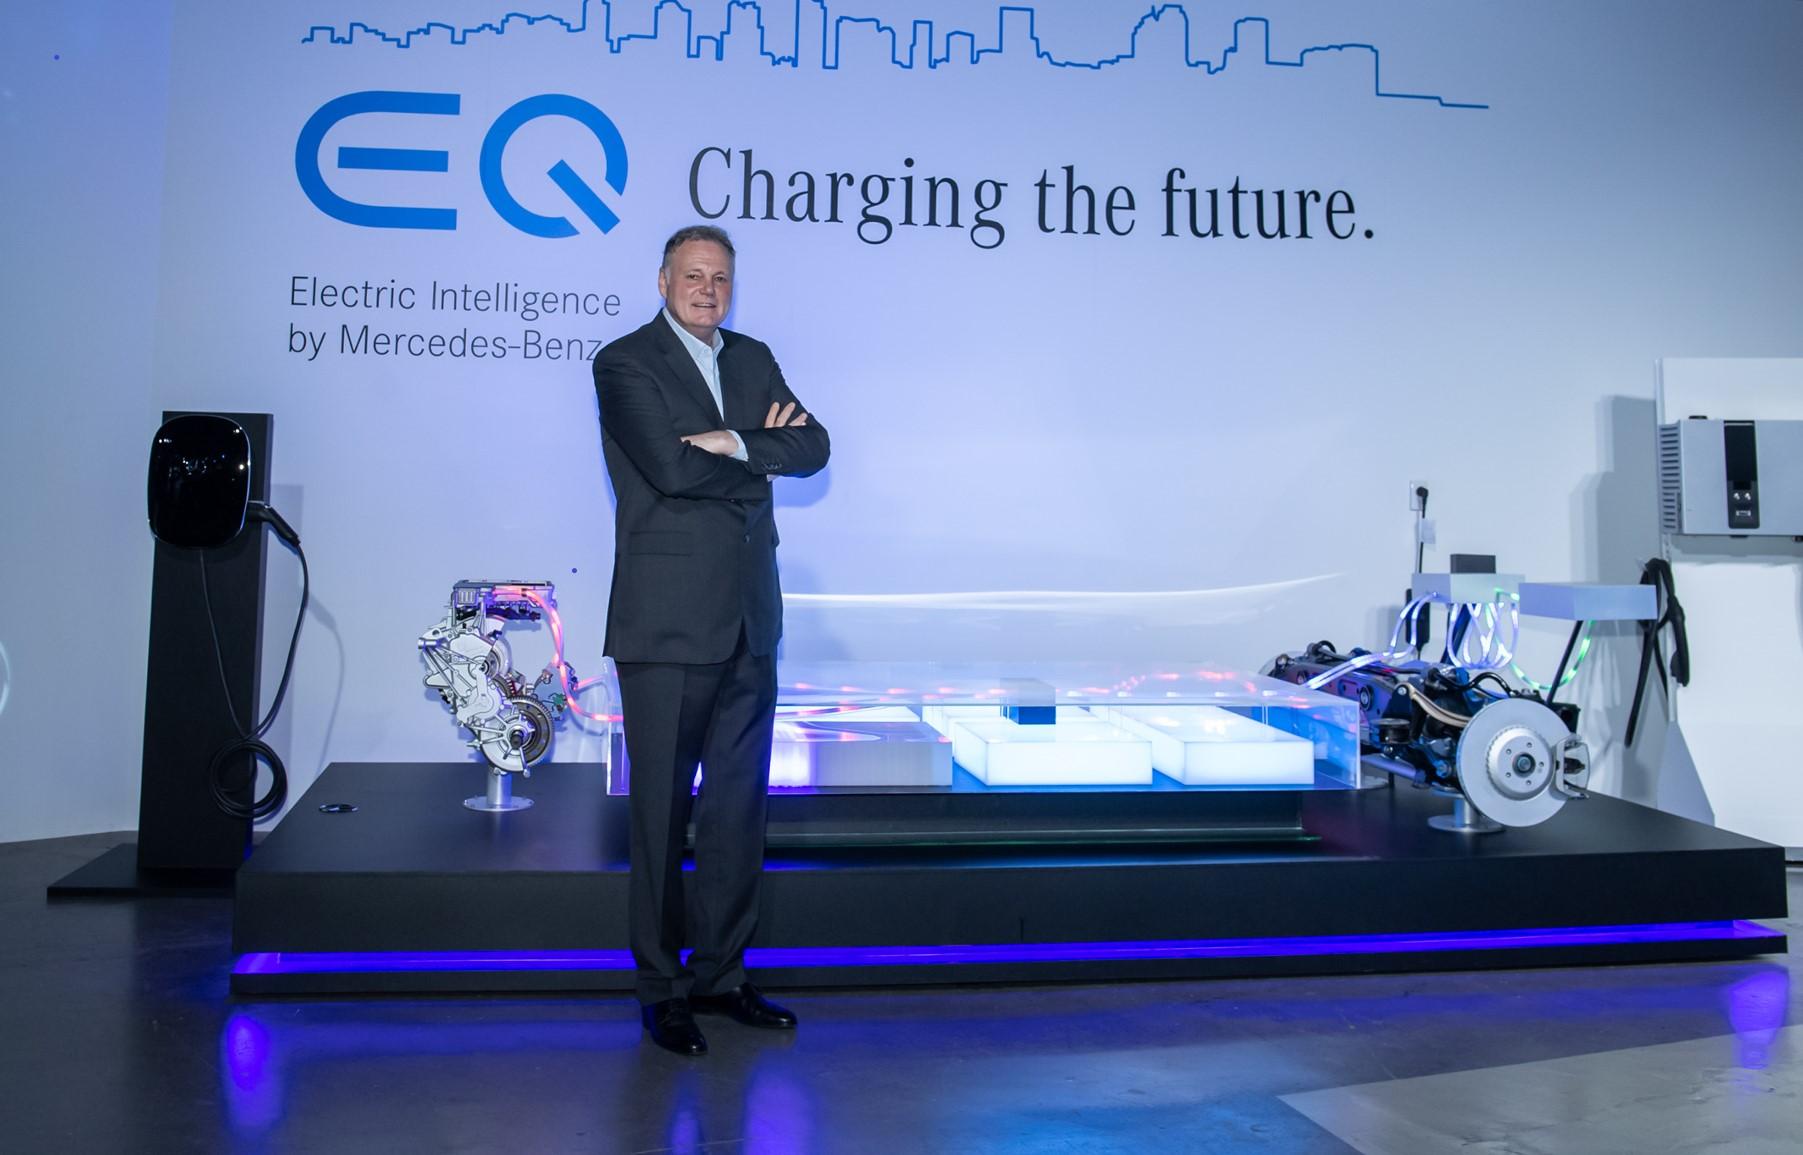 台灣賓士總裁高明漢表示:「為了迎接電動車的時代,Mercedes-Benz以宏觀的視野為消費者鋪陳通往電動車的道路」